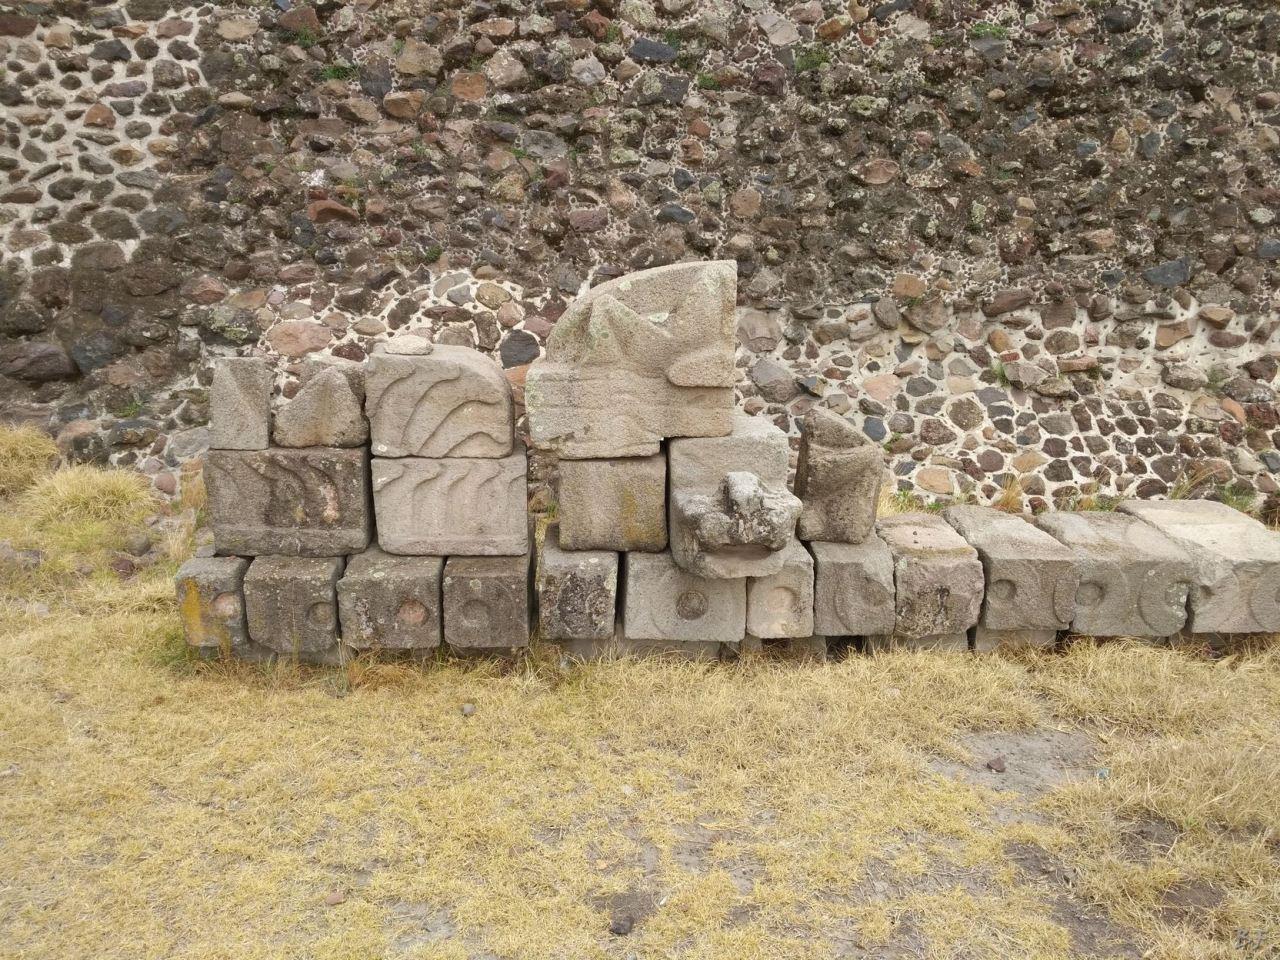 Teotihuacan-Piramide-Tempio-Messico-77